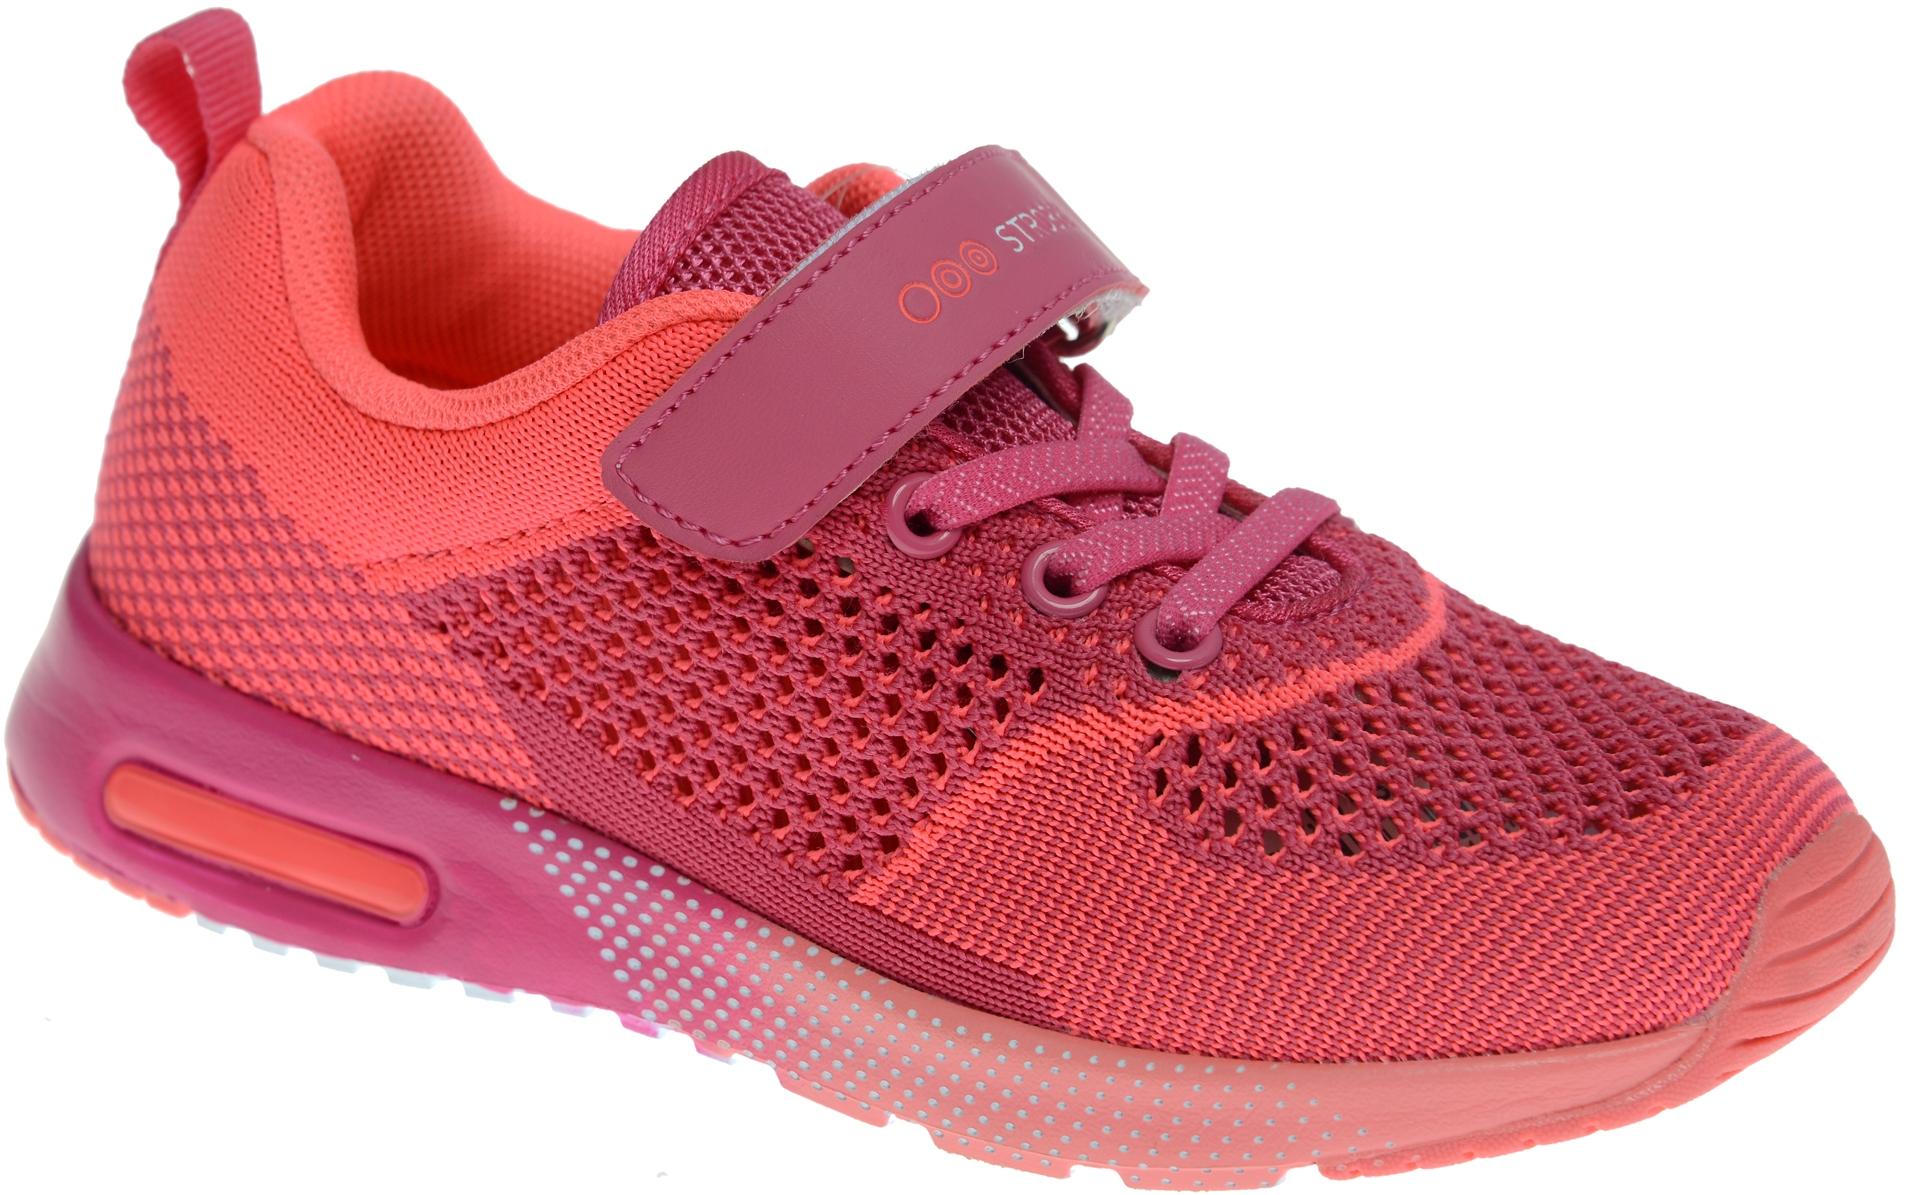 КроссовкиN1548-11Стильные кроссовки для девочки Strobbs отлично подойдут для активного отдыха и повседневной носки. Верх модели выполнен из вязаного текстиля. Удобная шнуровка и хлястик на липучке надежно зафиксируют модель на стопе. Особая форма подошвы обеспечит удобство при ходьбе и отличную амортизацию.